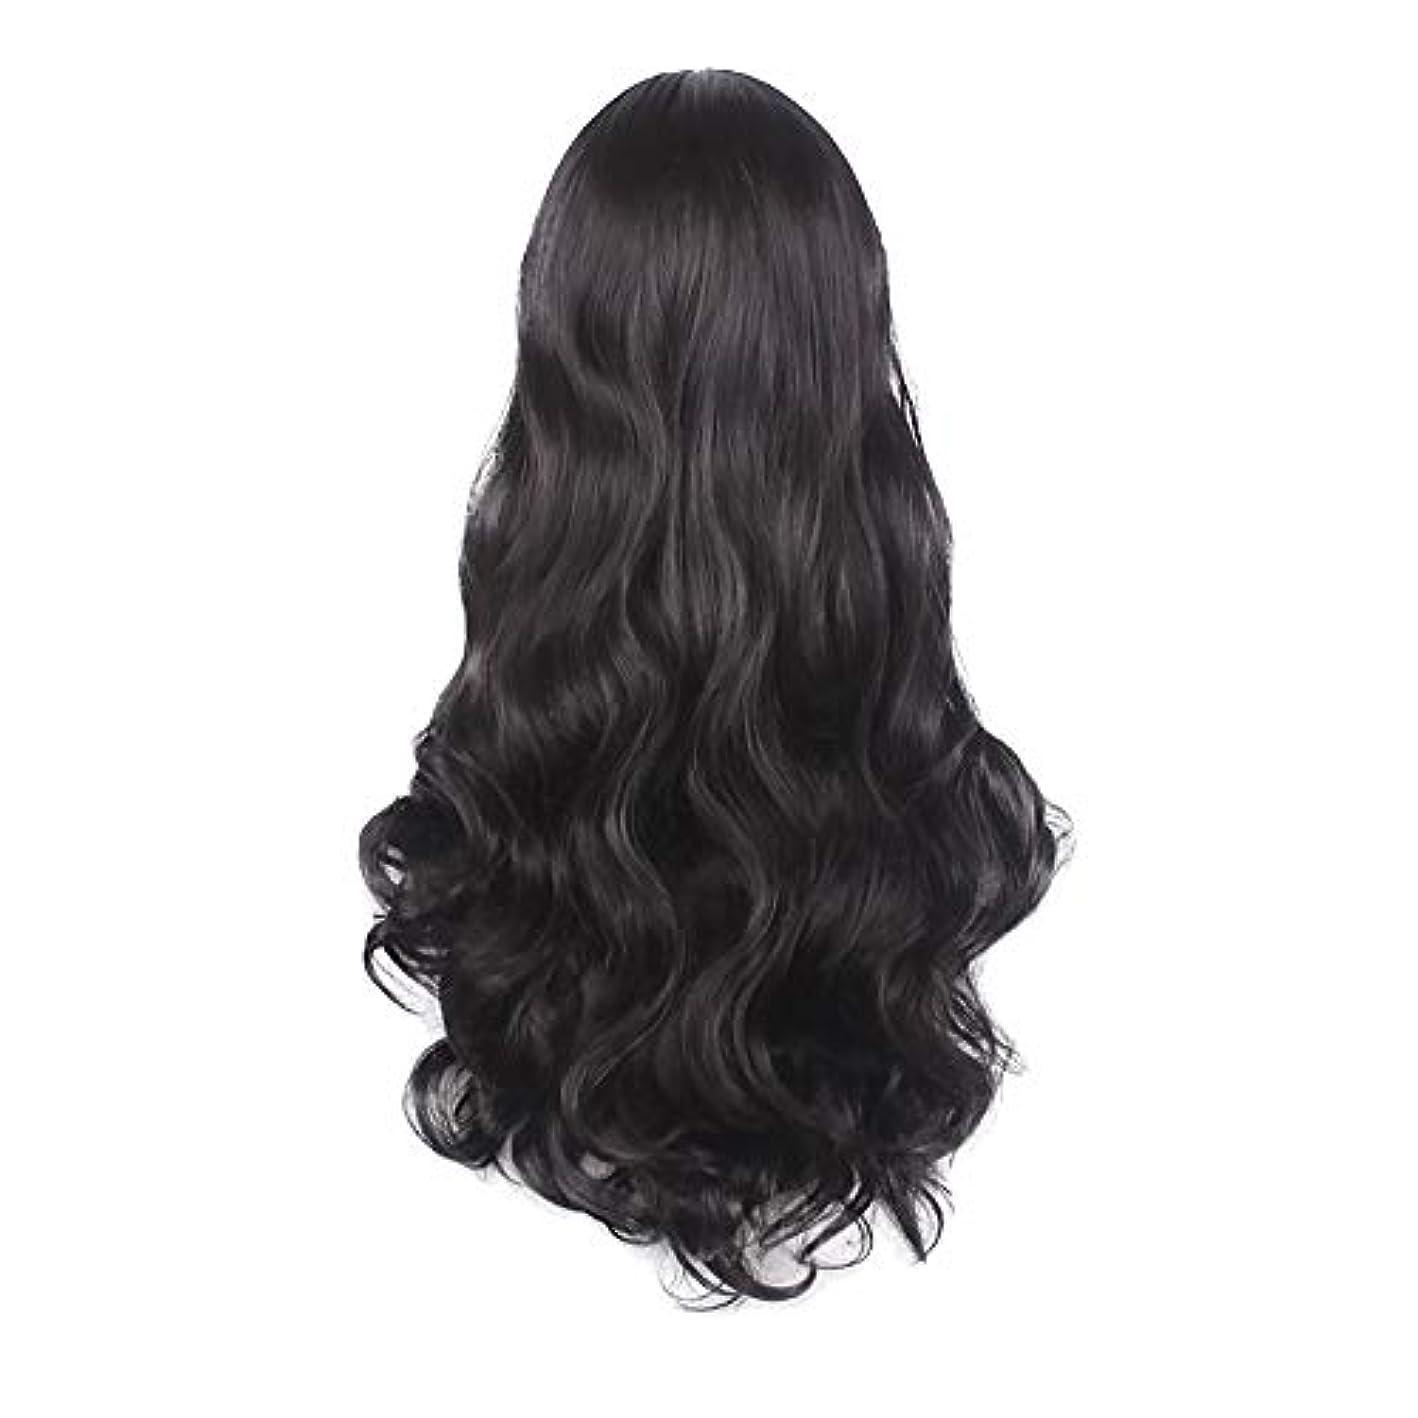 間欠砂の口述する女性の黒の長い波状の巻き毛のかつらパーティーCOS小道具かつらをかつら